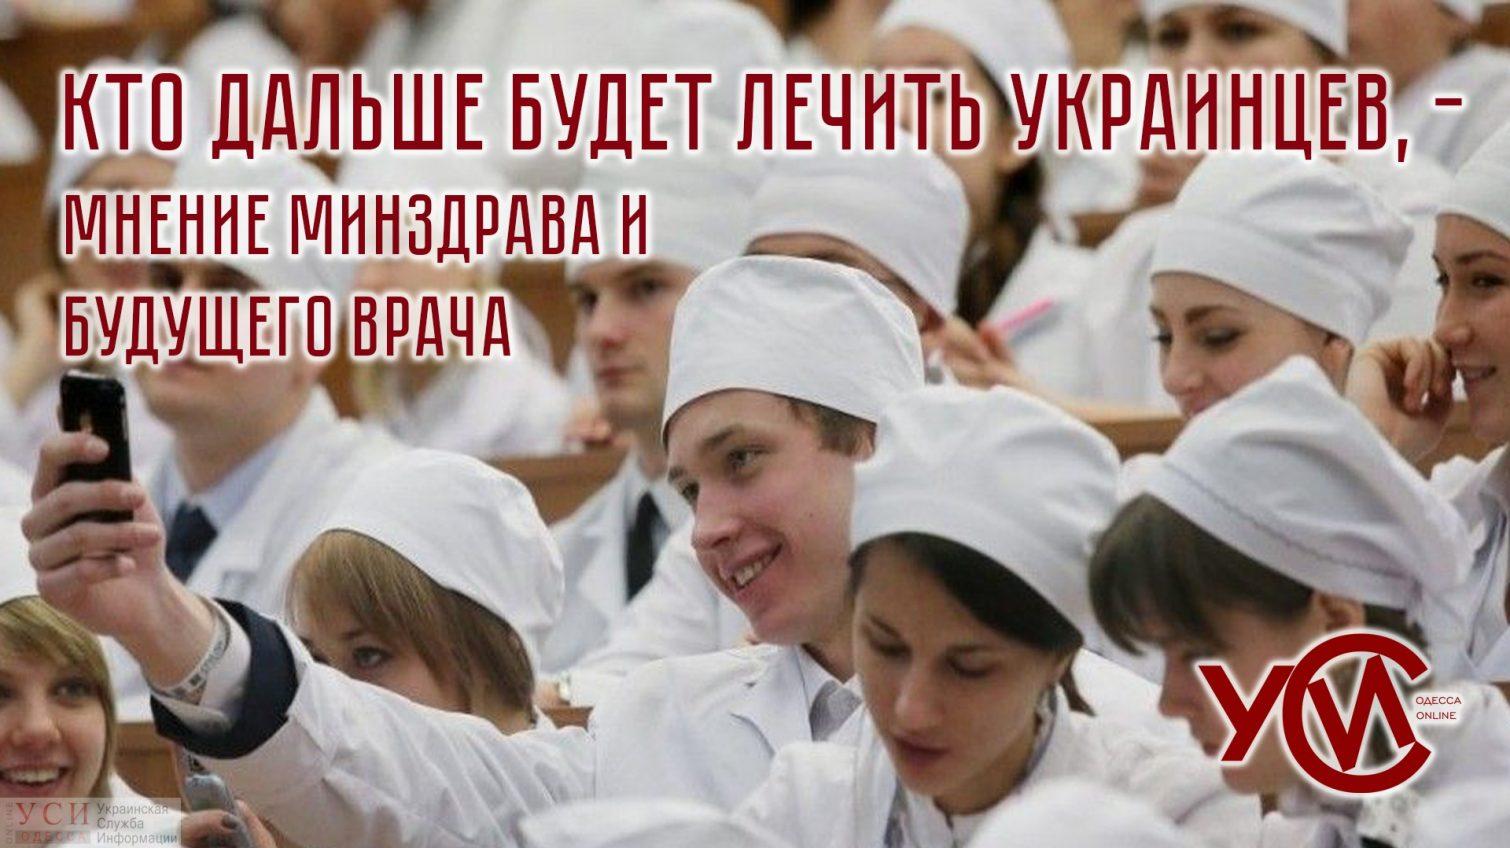 Кто дальше будет лечить украинцев и как справиться с катастрофической нехваткой медиков «фото»